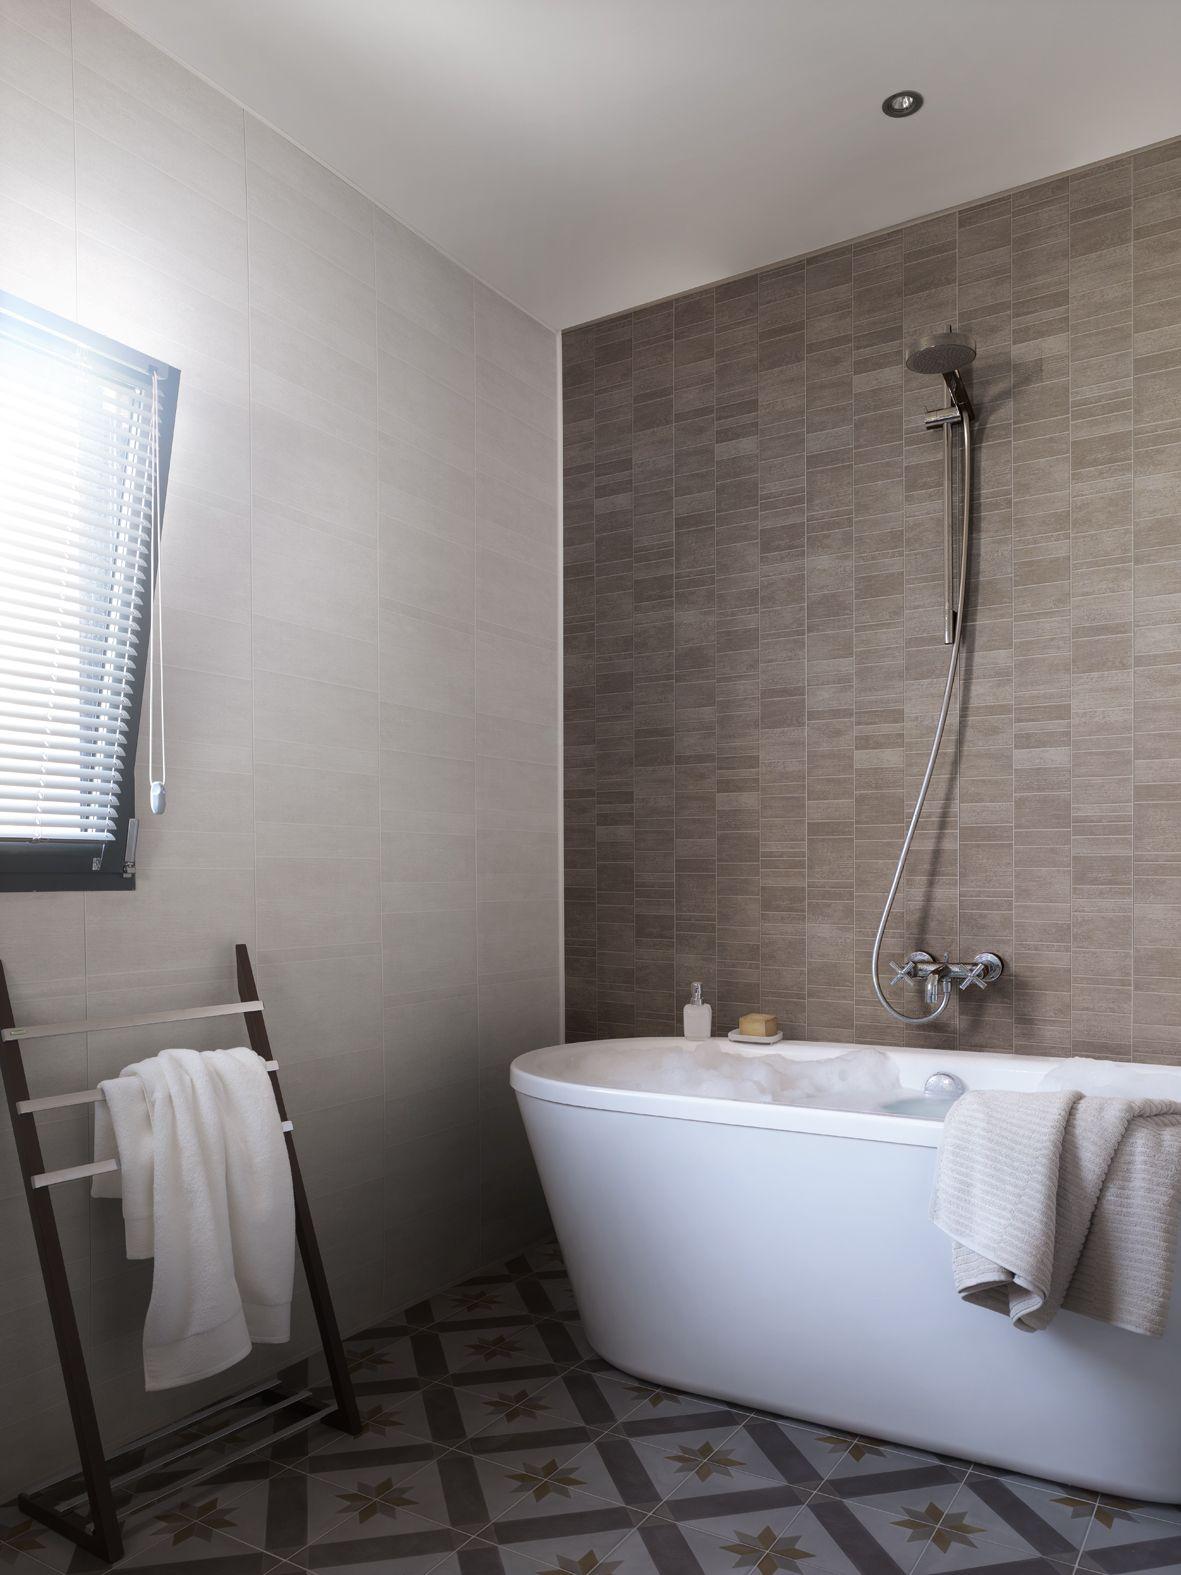 Pvc Tile Effect Bathroom Wall Panels